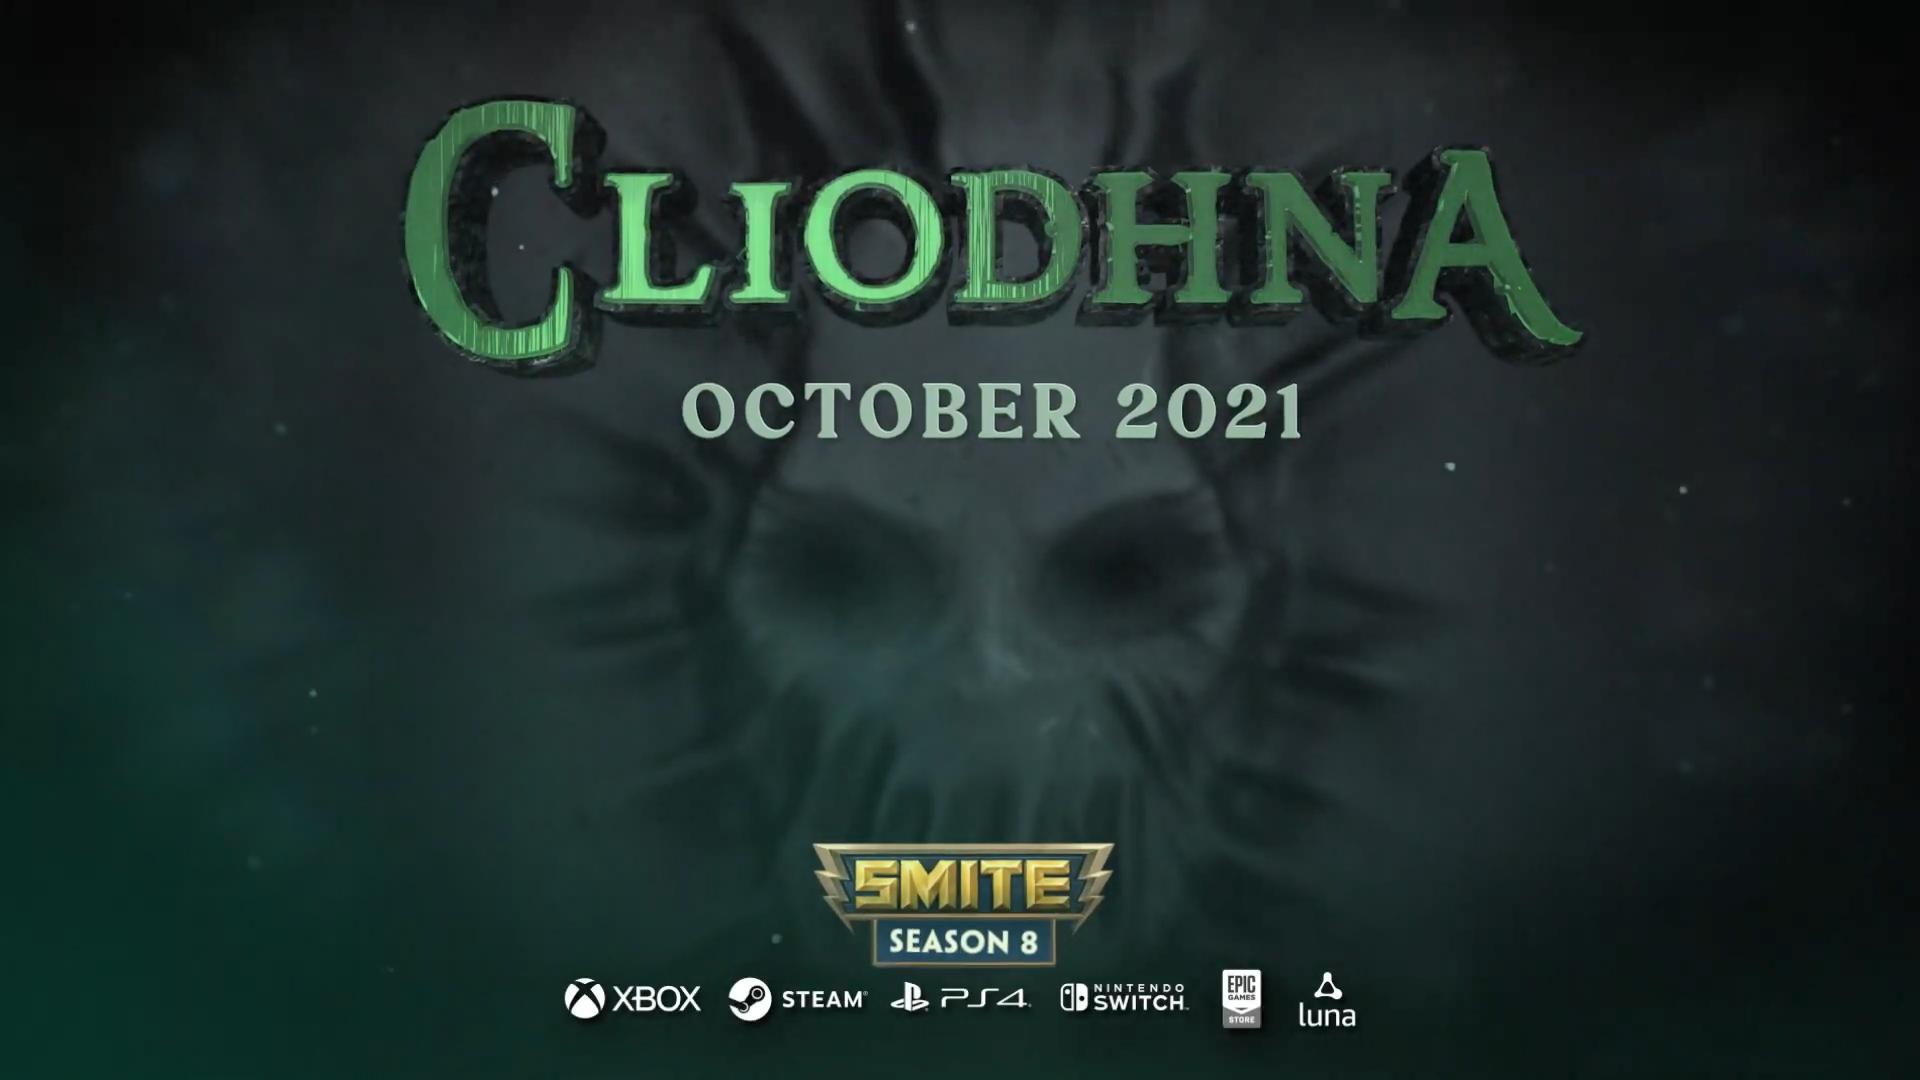 《神之浩劫》新神明Cliodhna预告片 10月正式上线